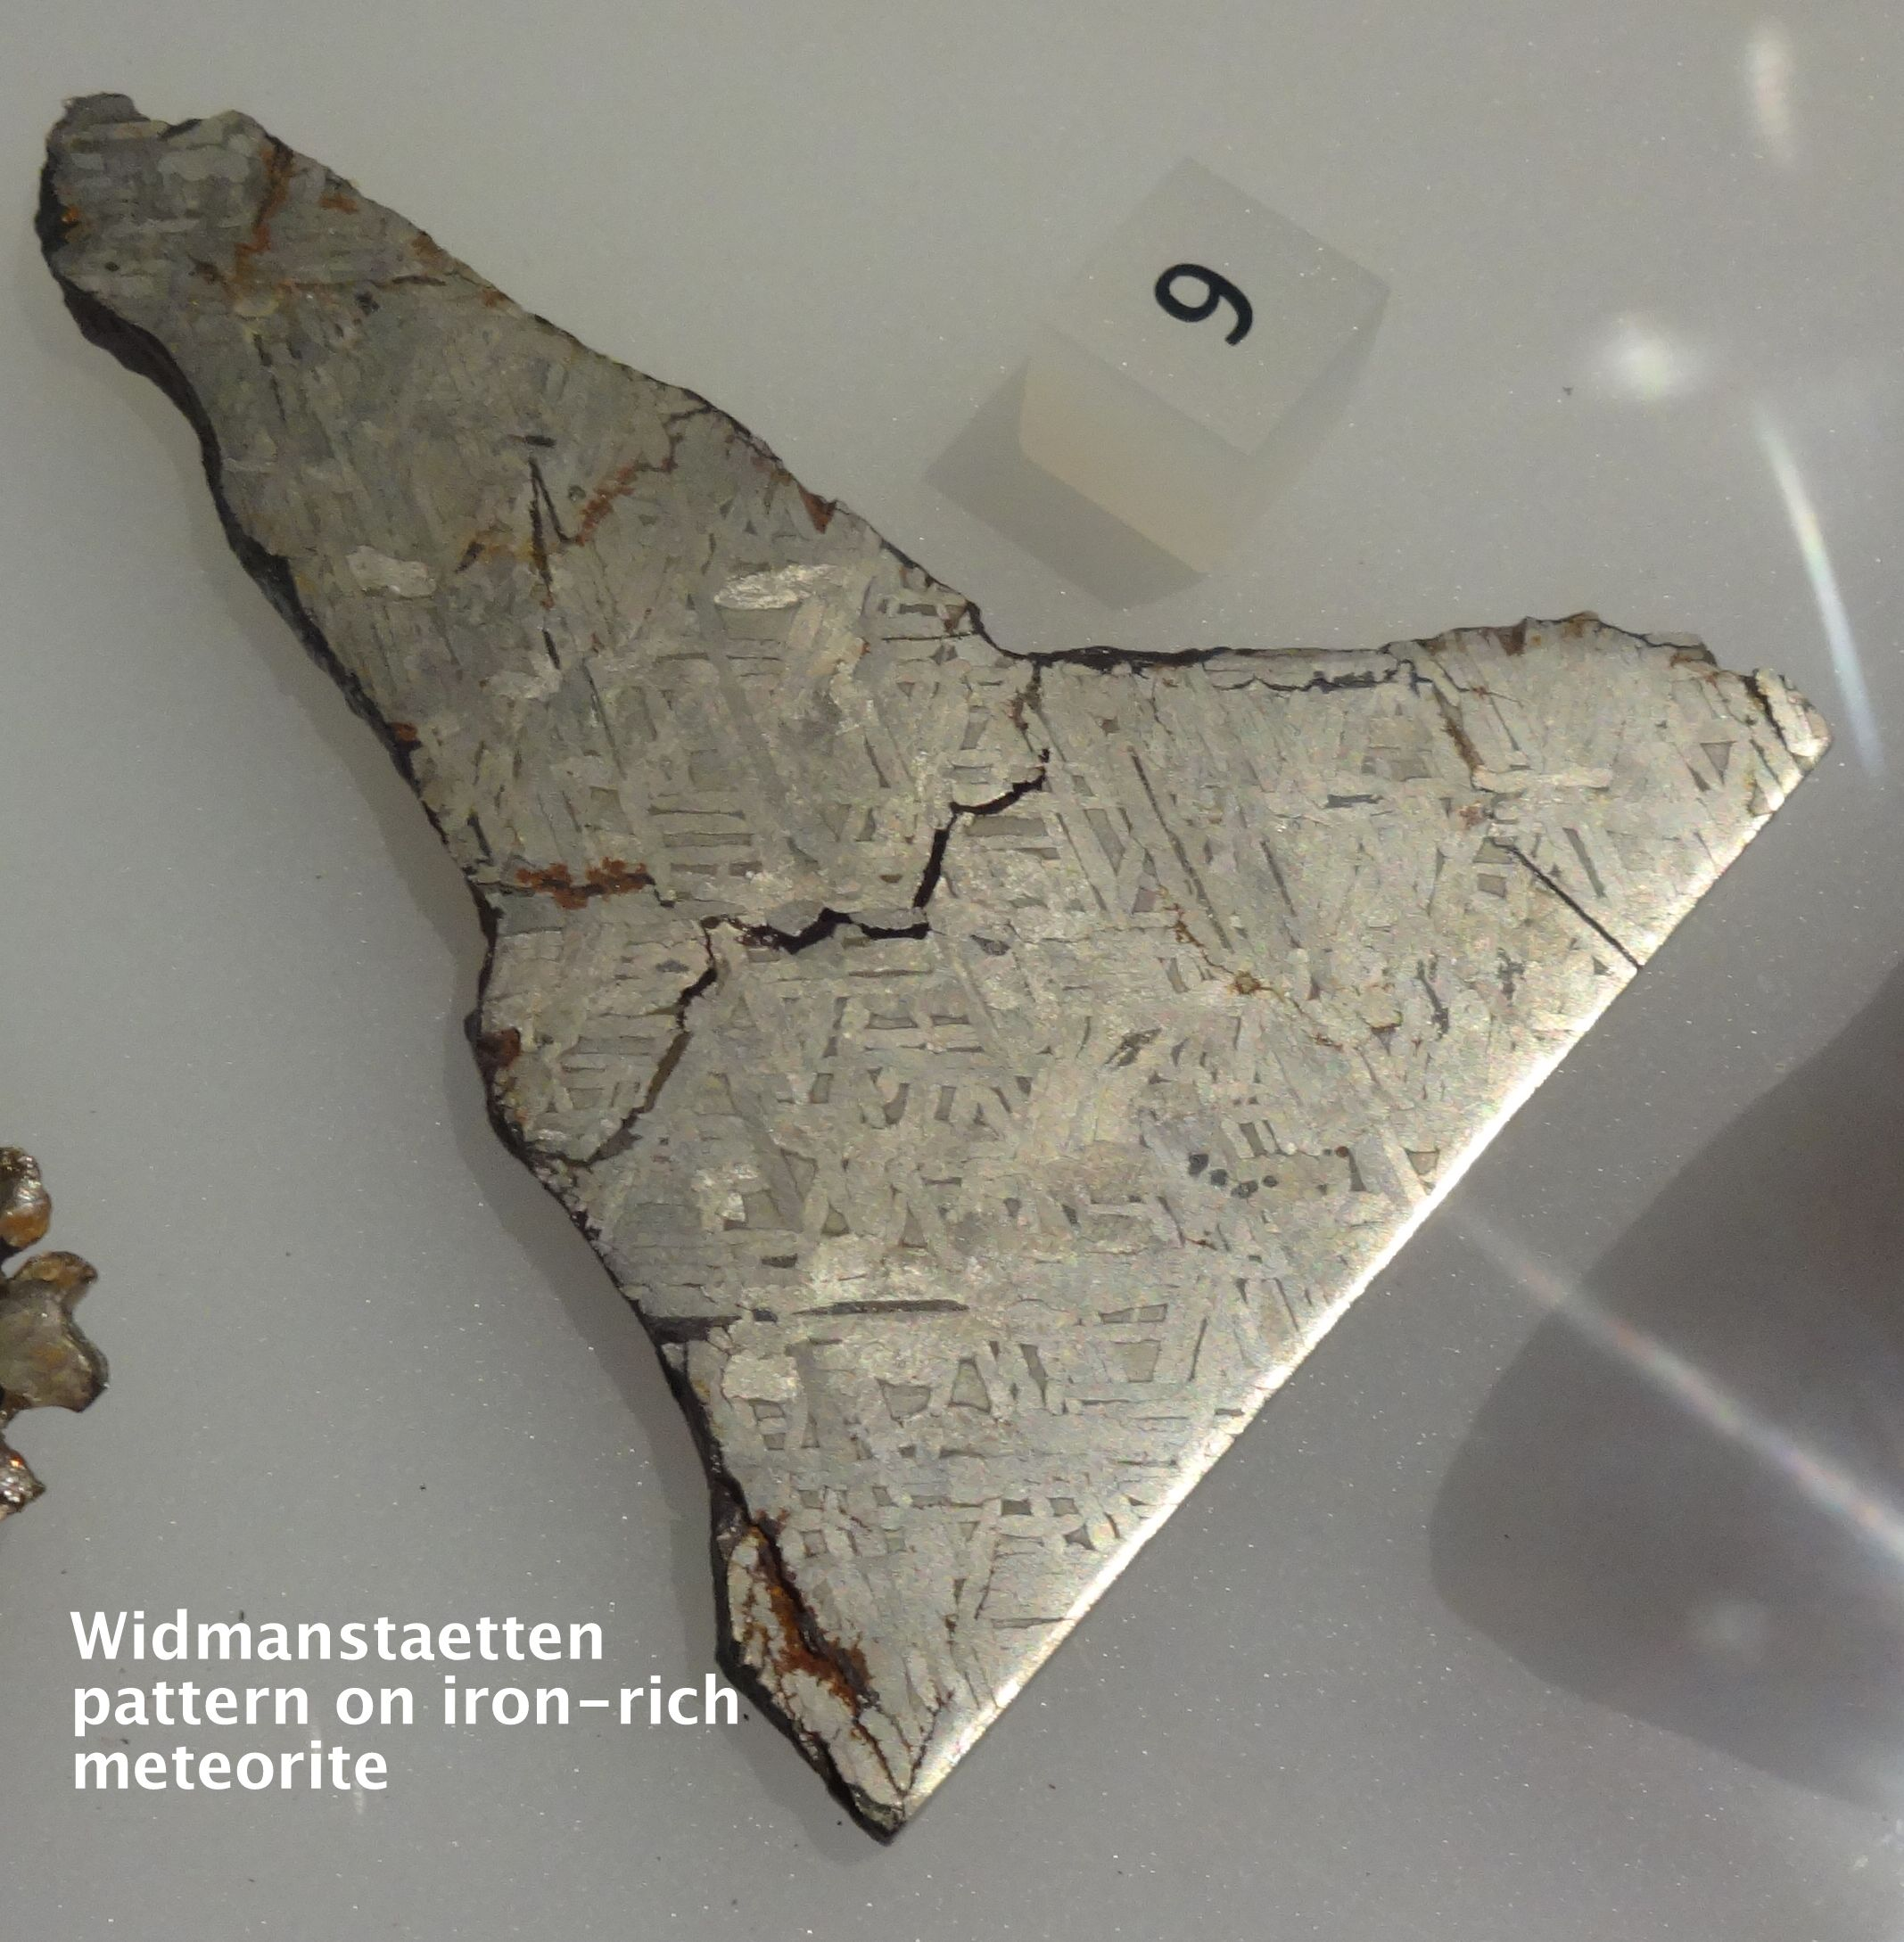 Widmanstatten Microstructures In Meteorites